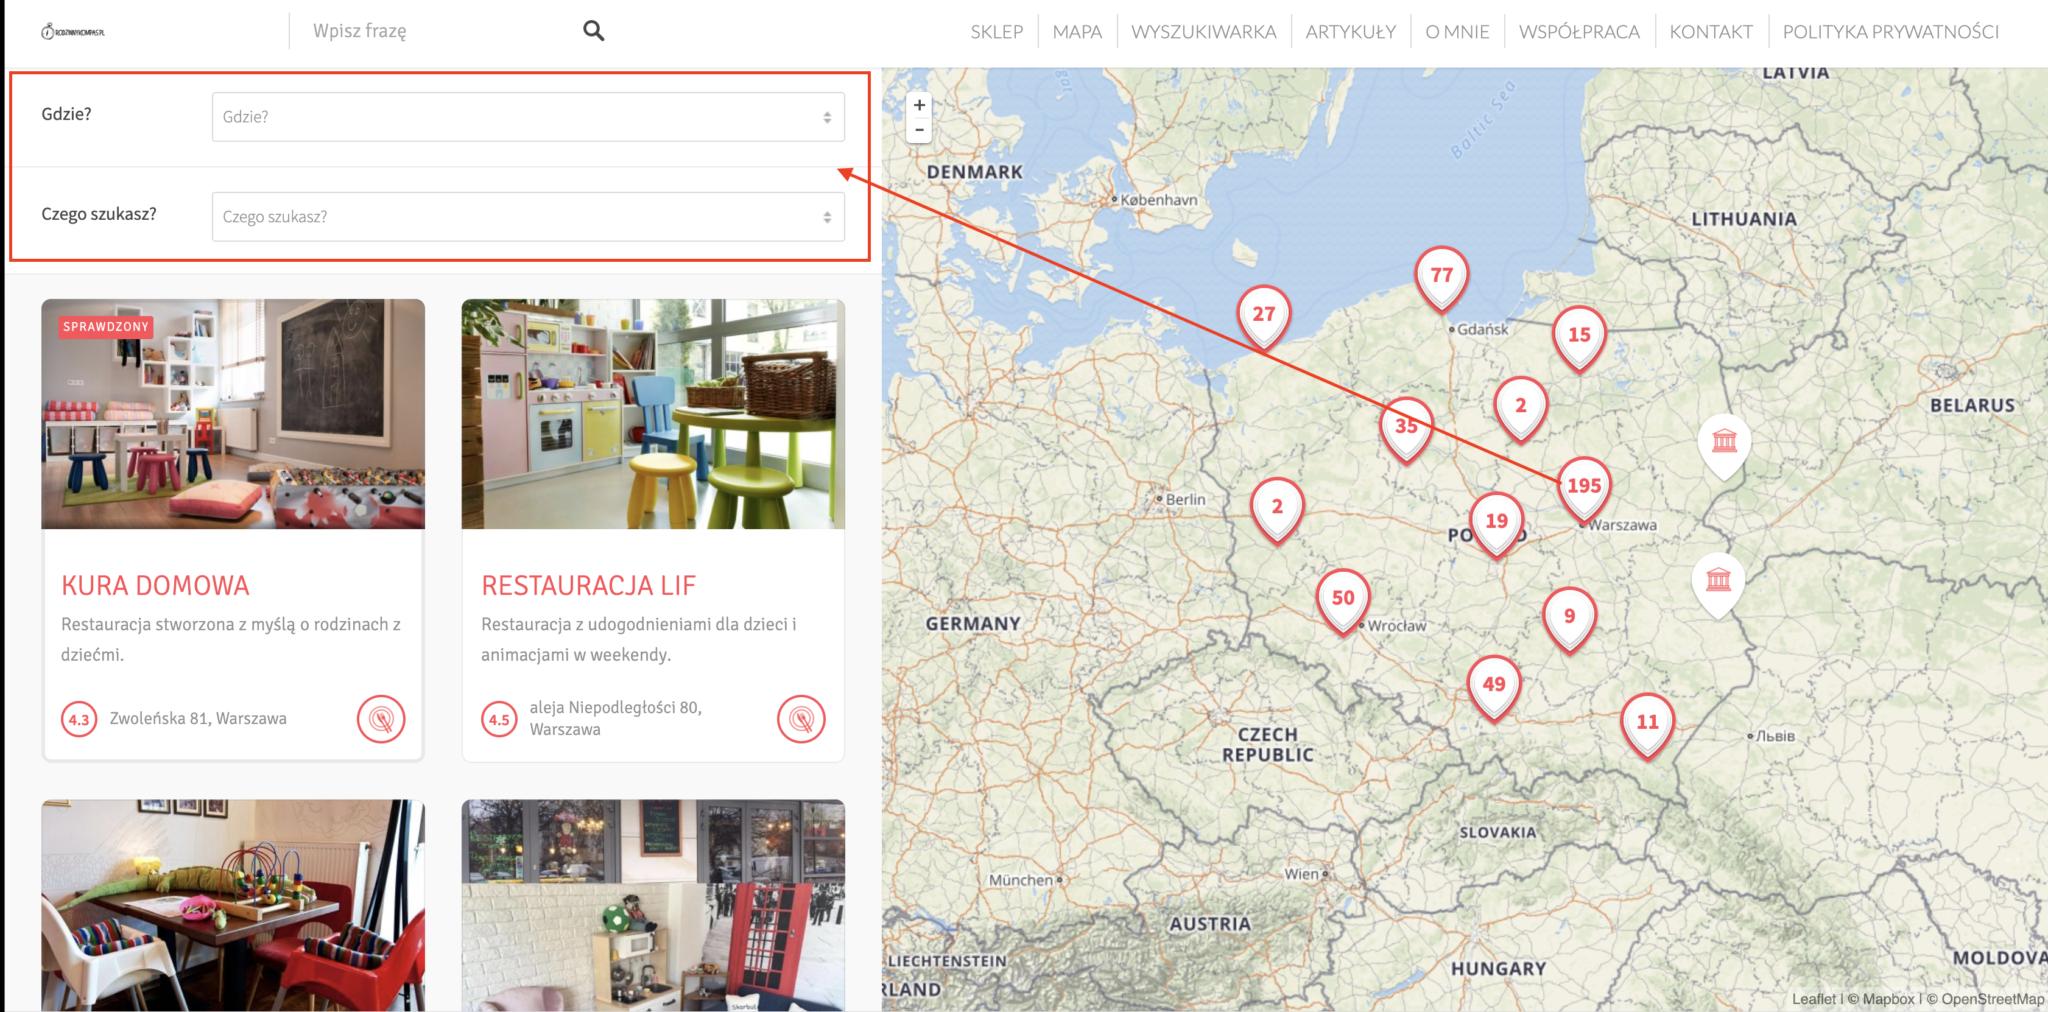 Atrakcje dla dzieci w Polsce - zobacz miejsca przyjazne dzieciom na mapie Rodzinny Kompas 3